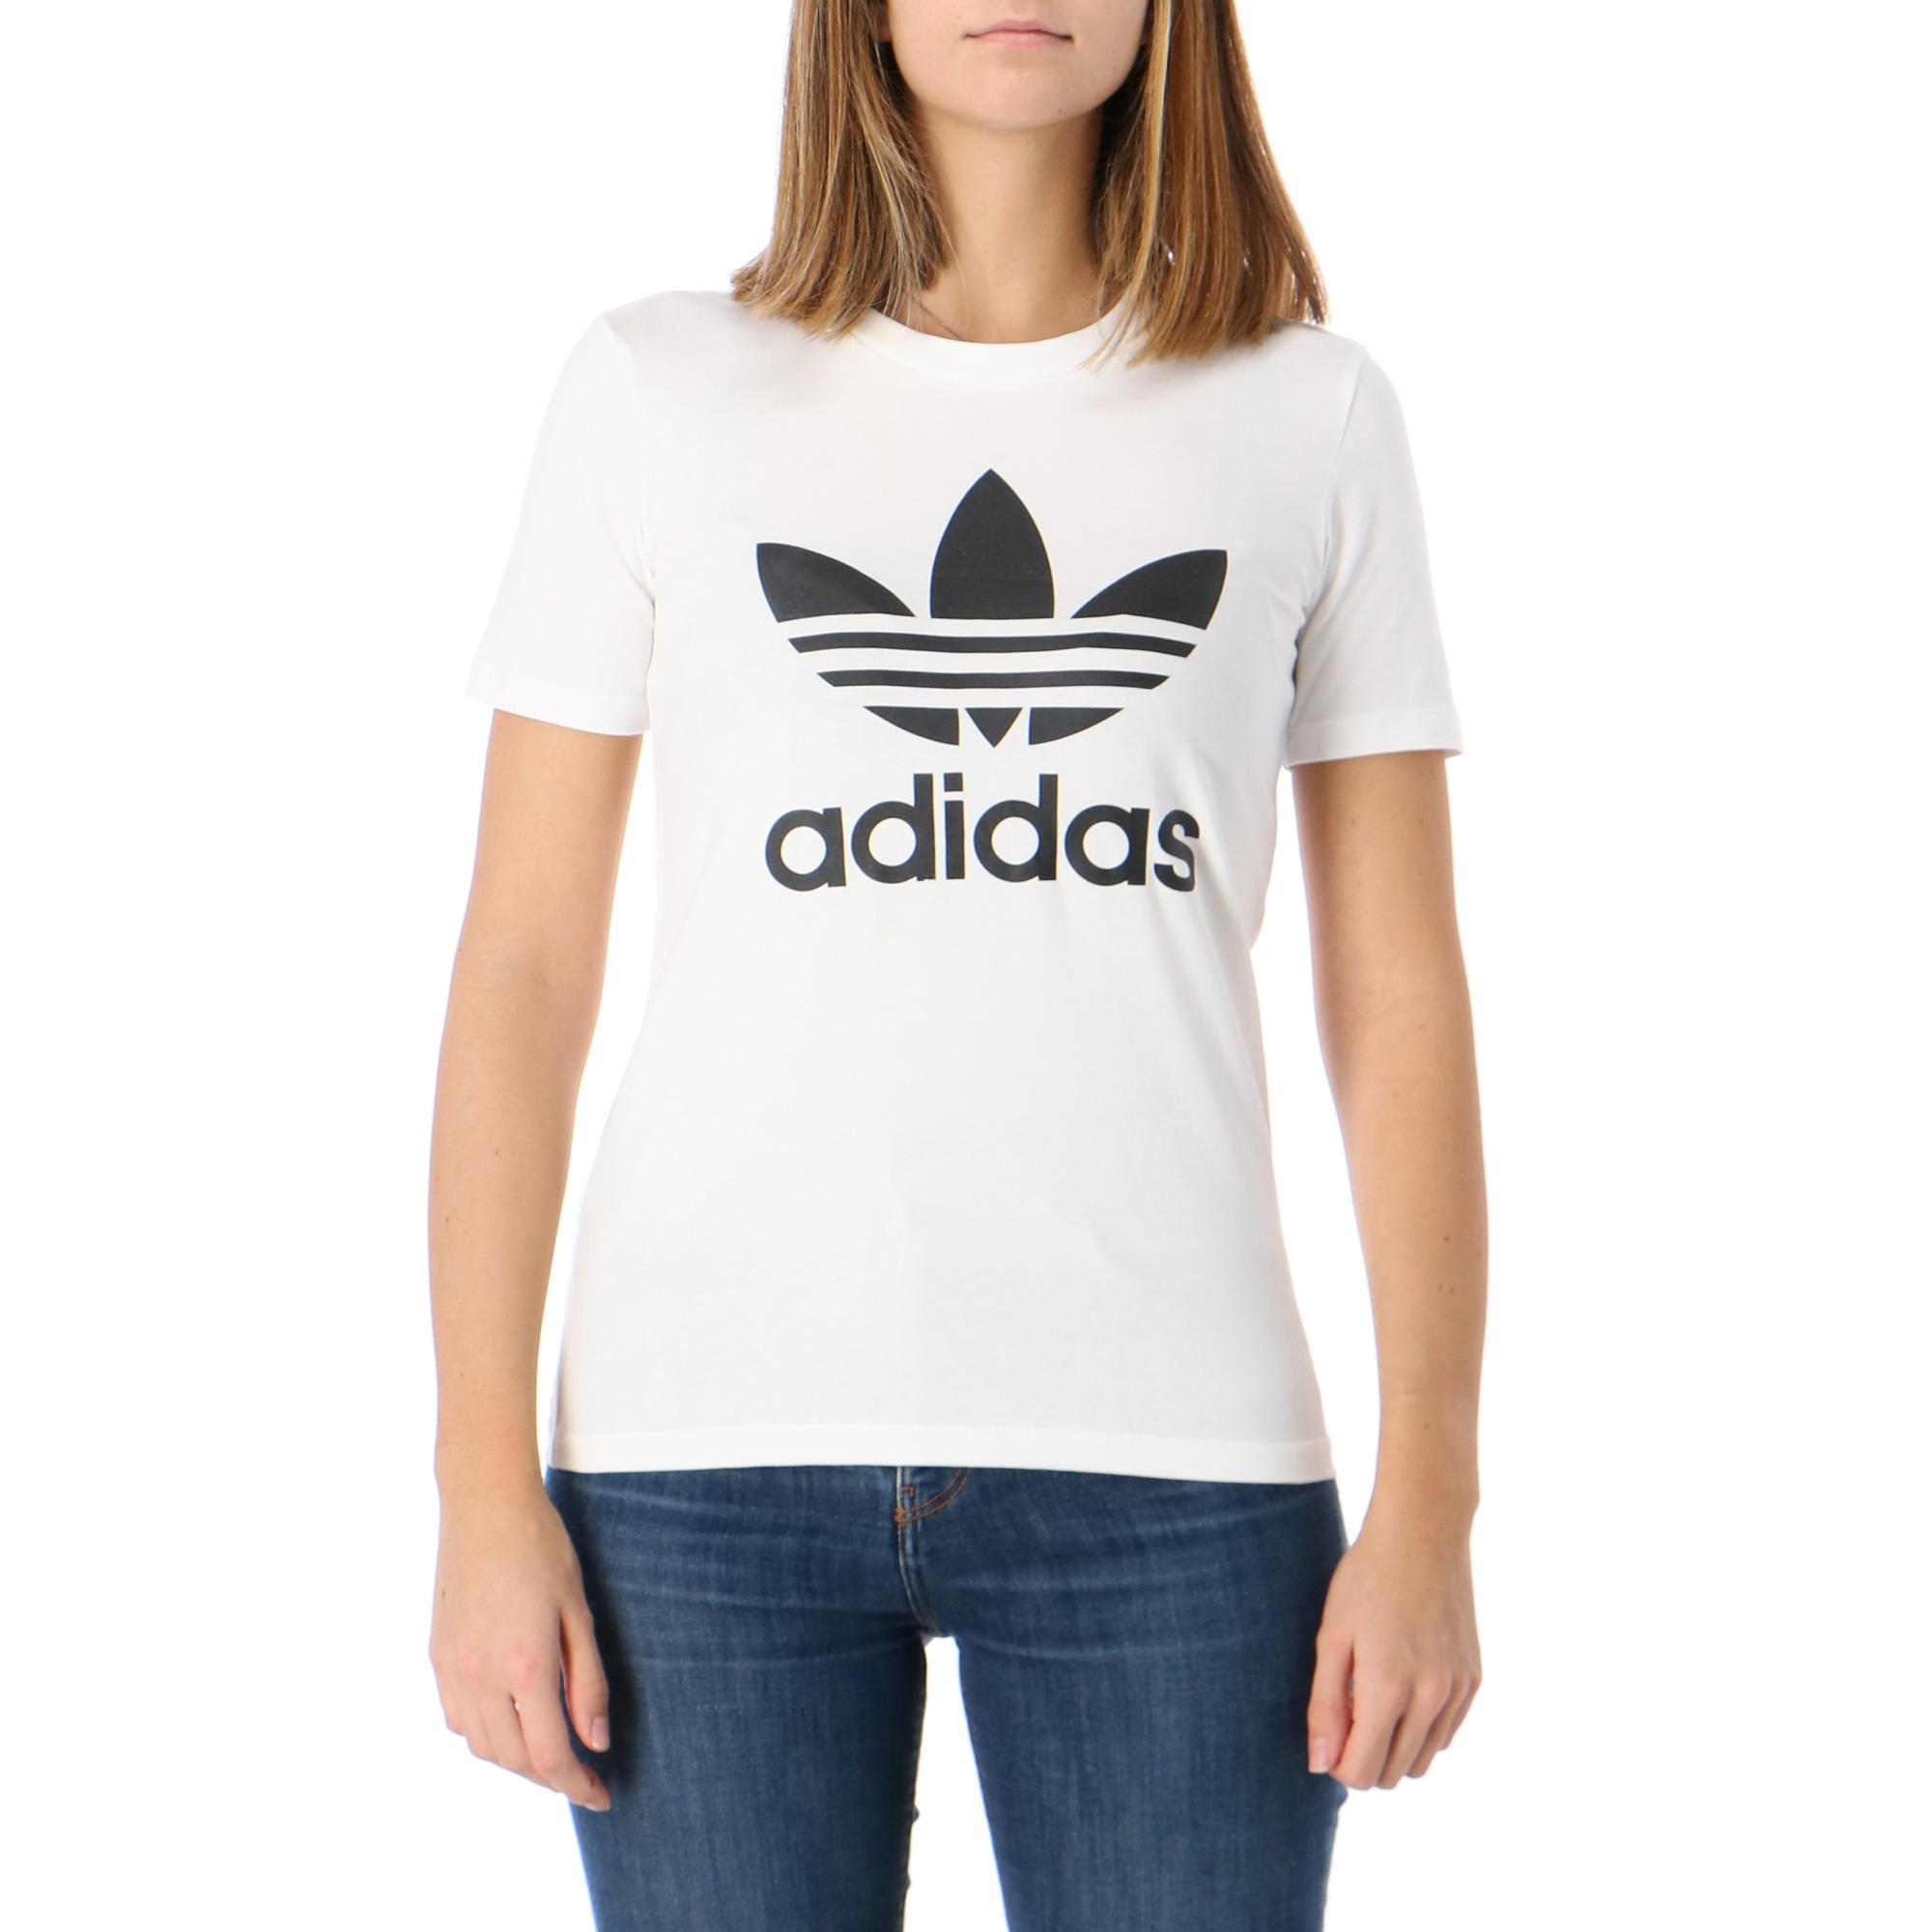 Adidas Trefoil Tee White black